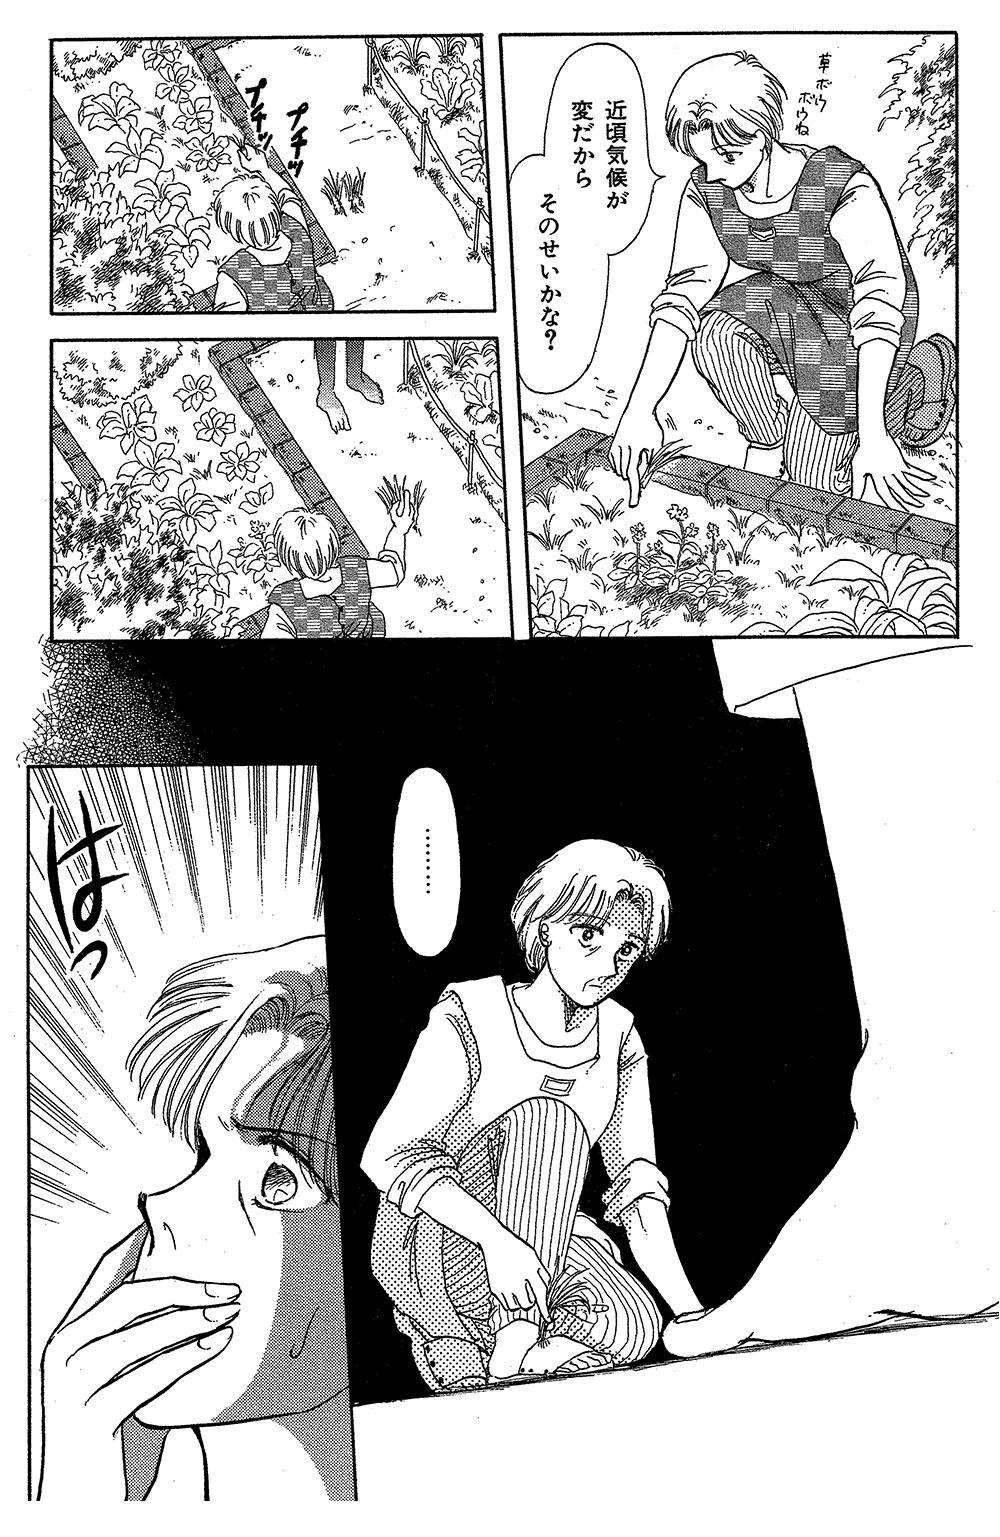 霊感ママシリーズ 第1話「花の陰影」①reikan07.jpg